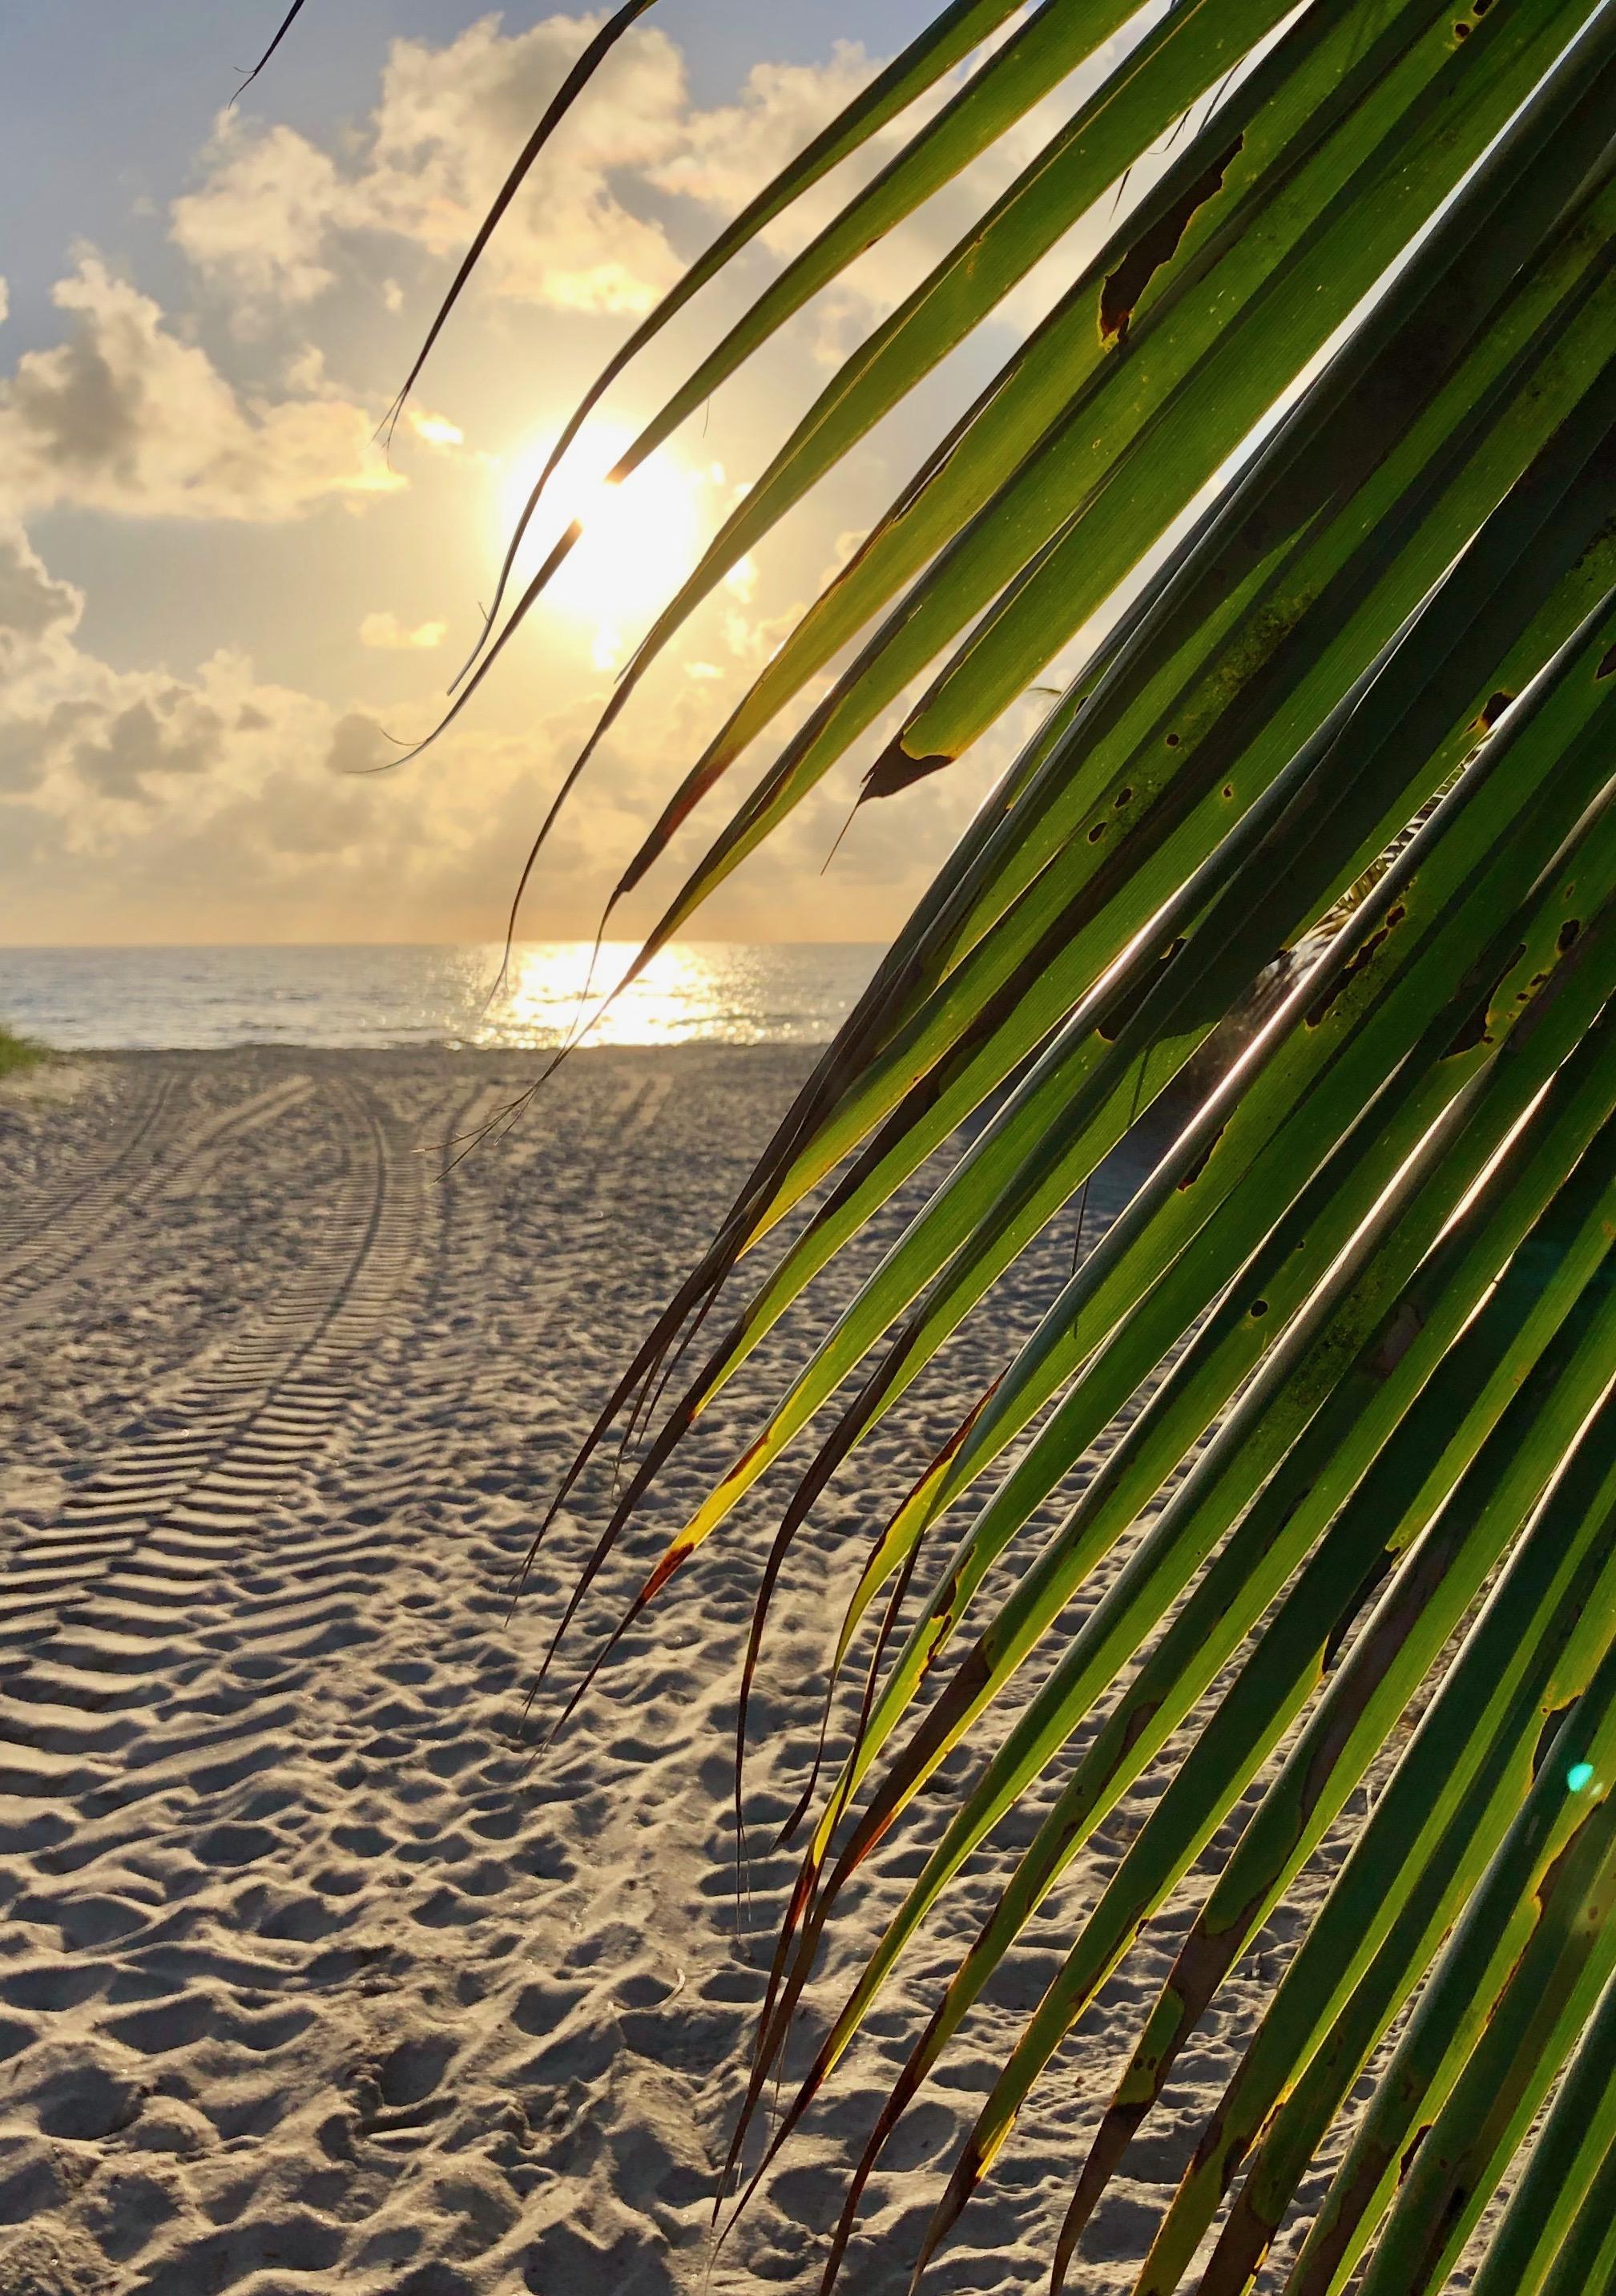 Morning sunrise over the Atlantic Ocean in Delray Beach, FL.